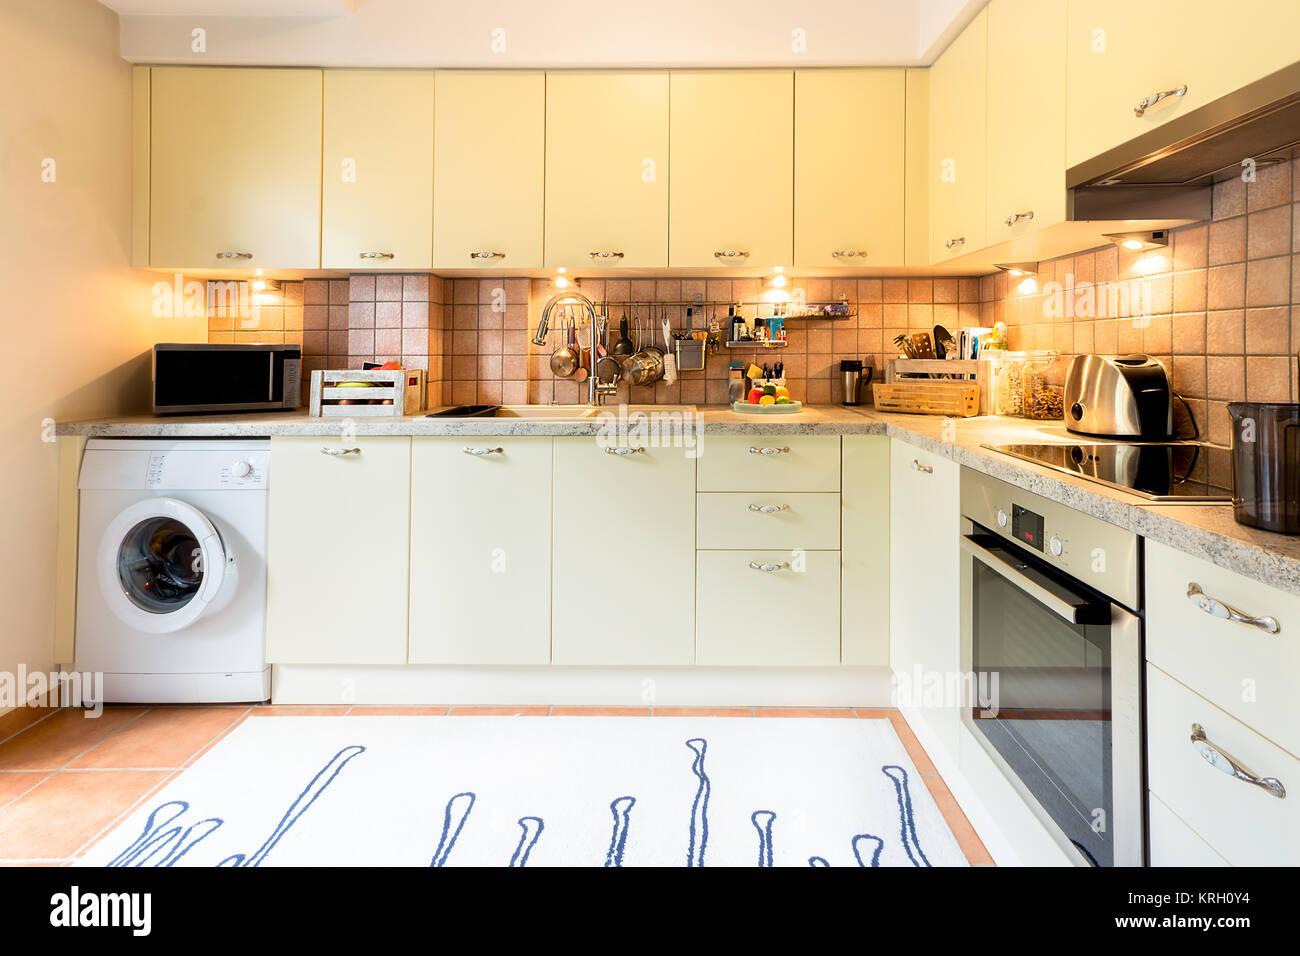 Eine moderne Küche mit Laminat Einbauschränke und Schränke ...